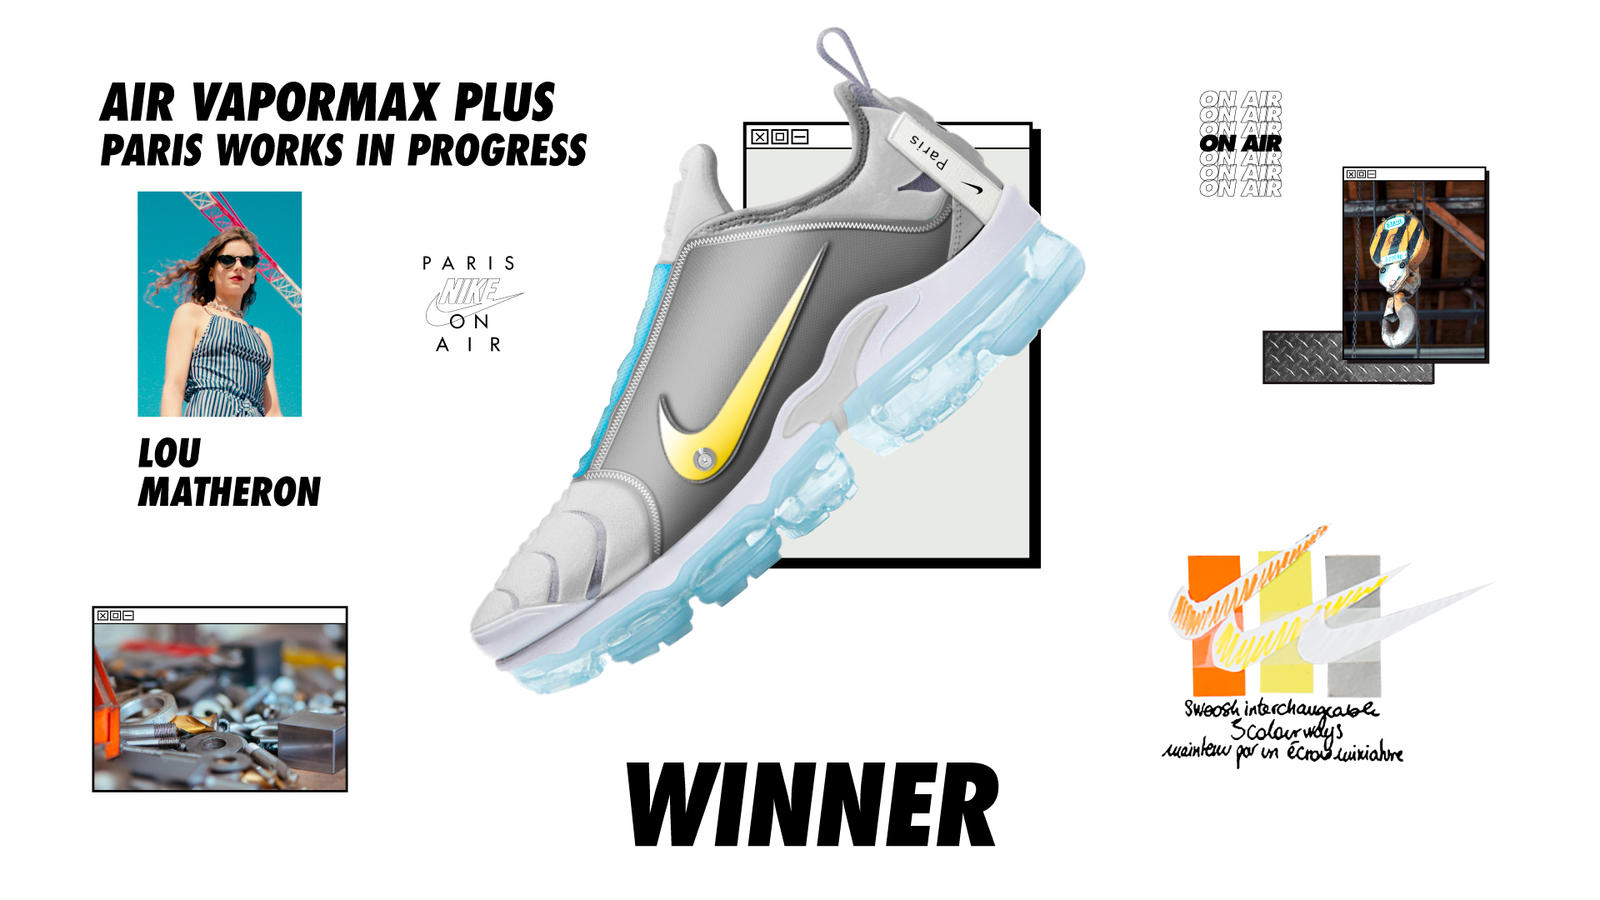 Nike: On Air 2018 Winners Nike News